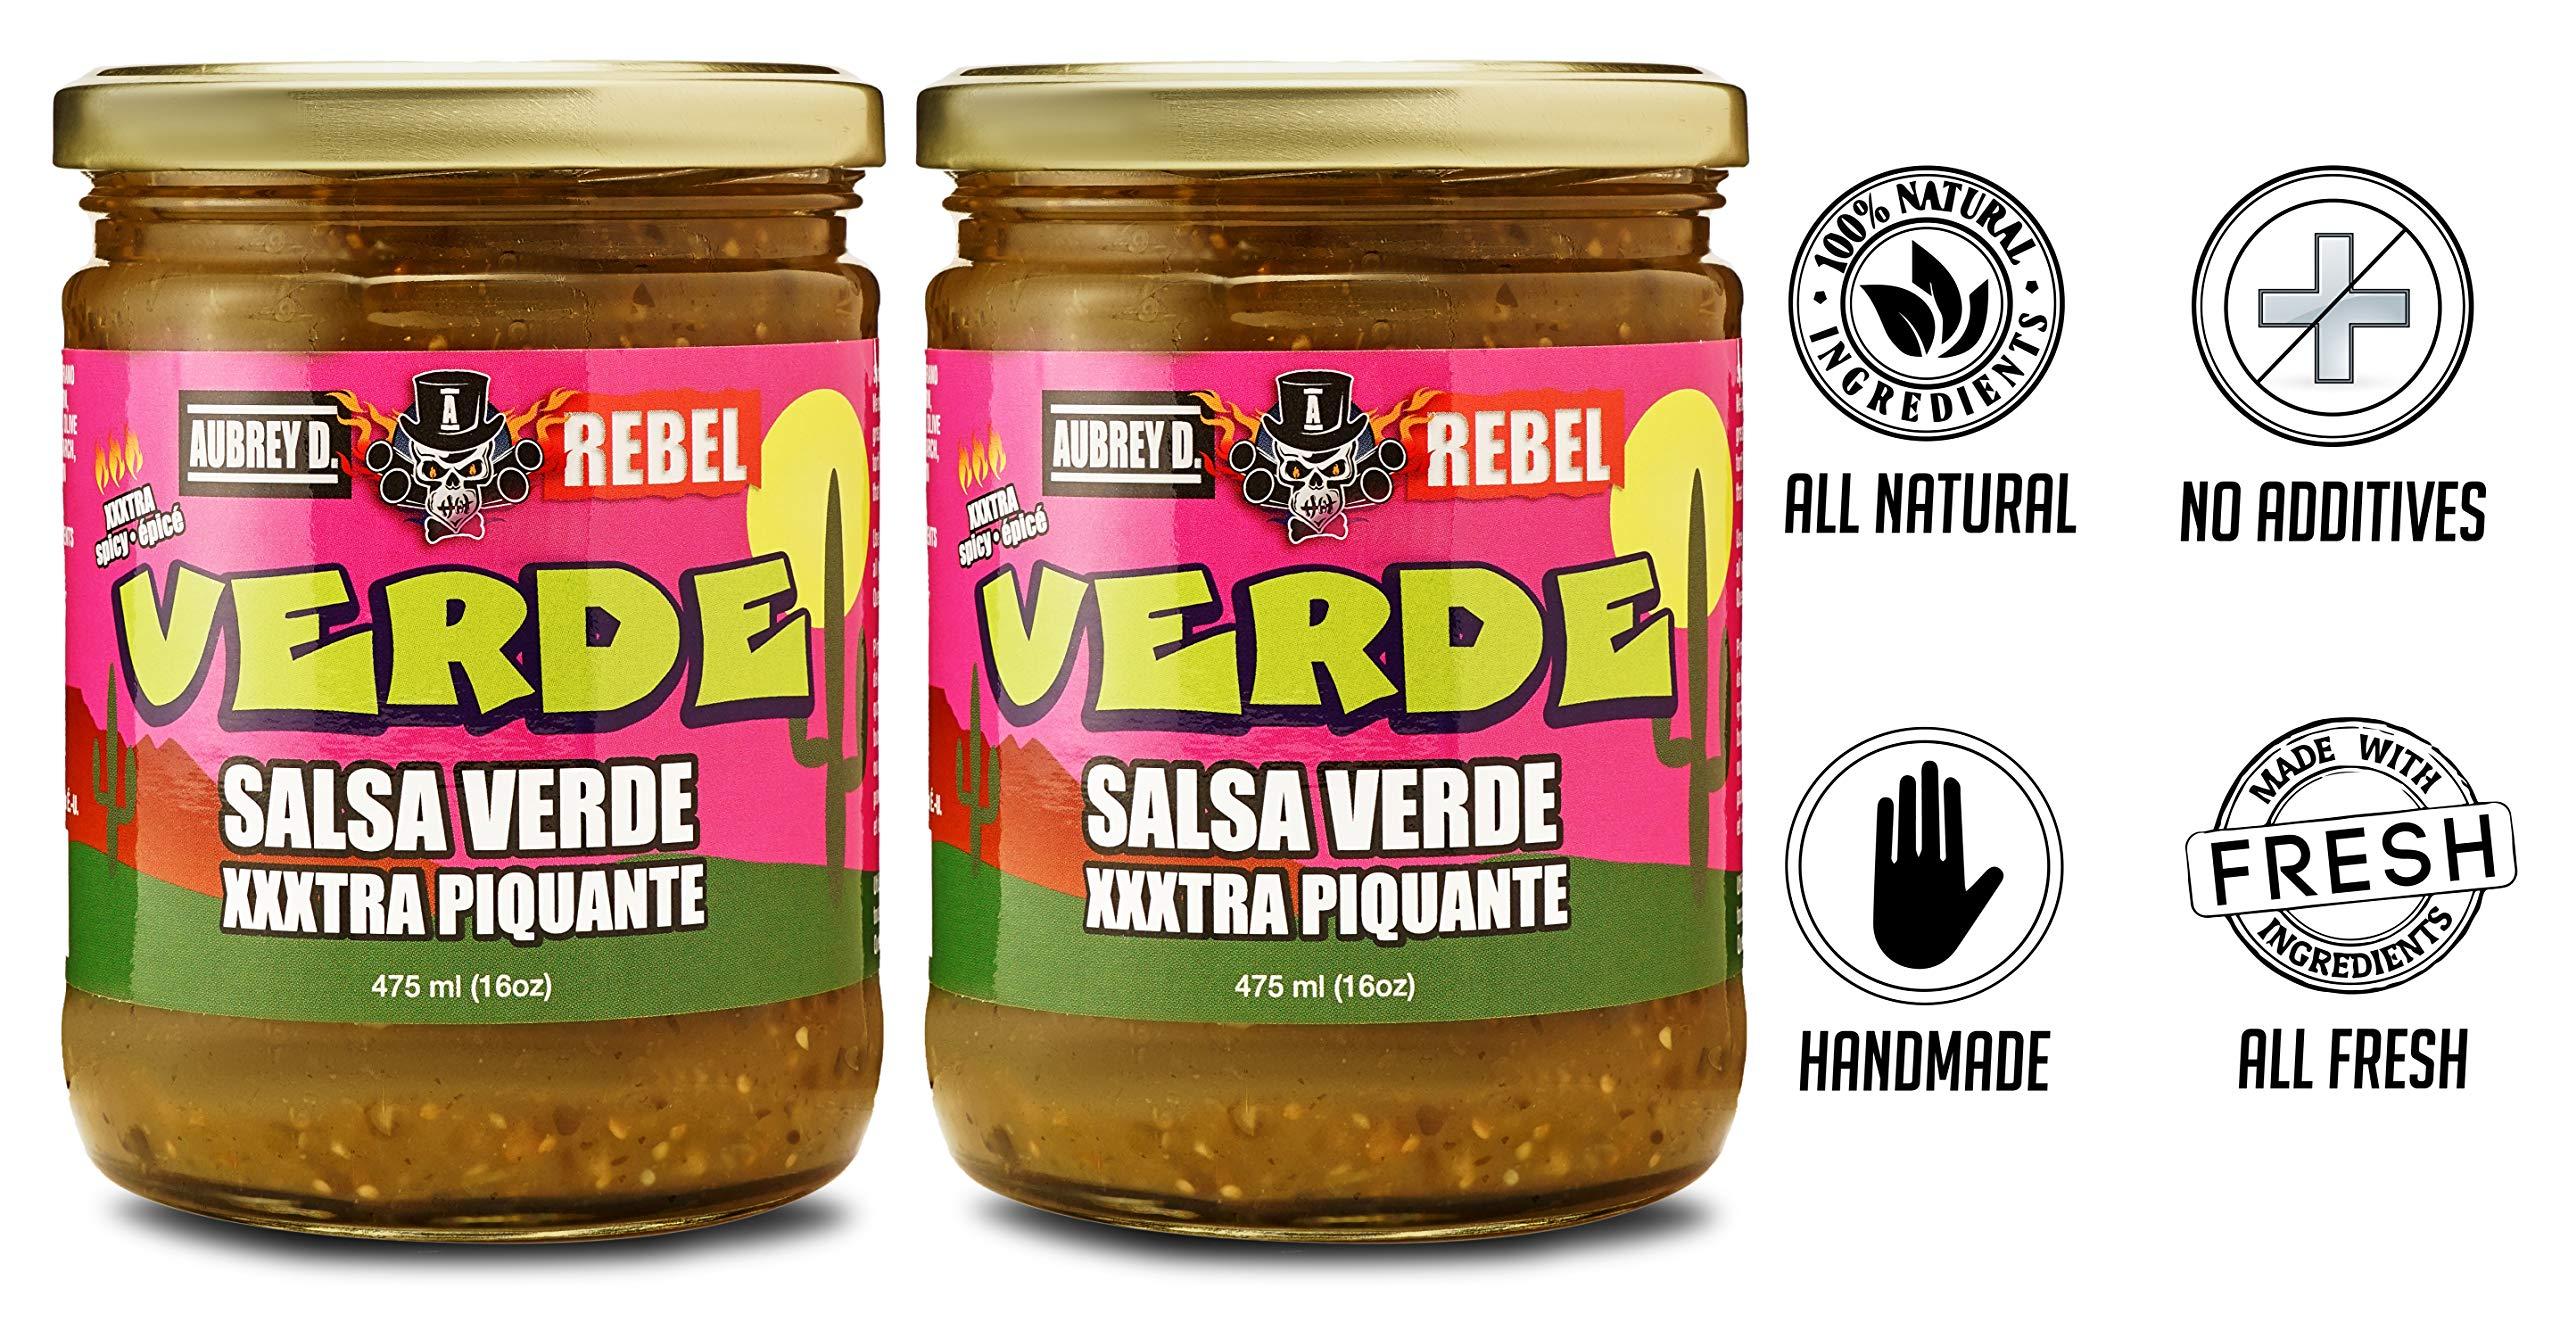 Aubrey D. Rebel Salsa XXX Verde, Vegan, Gluten Free Hot Spicy for Dipping Tortillas, Nachos, Corn Chips, Enchiladas 2 lb by Aubrey D.